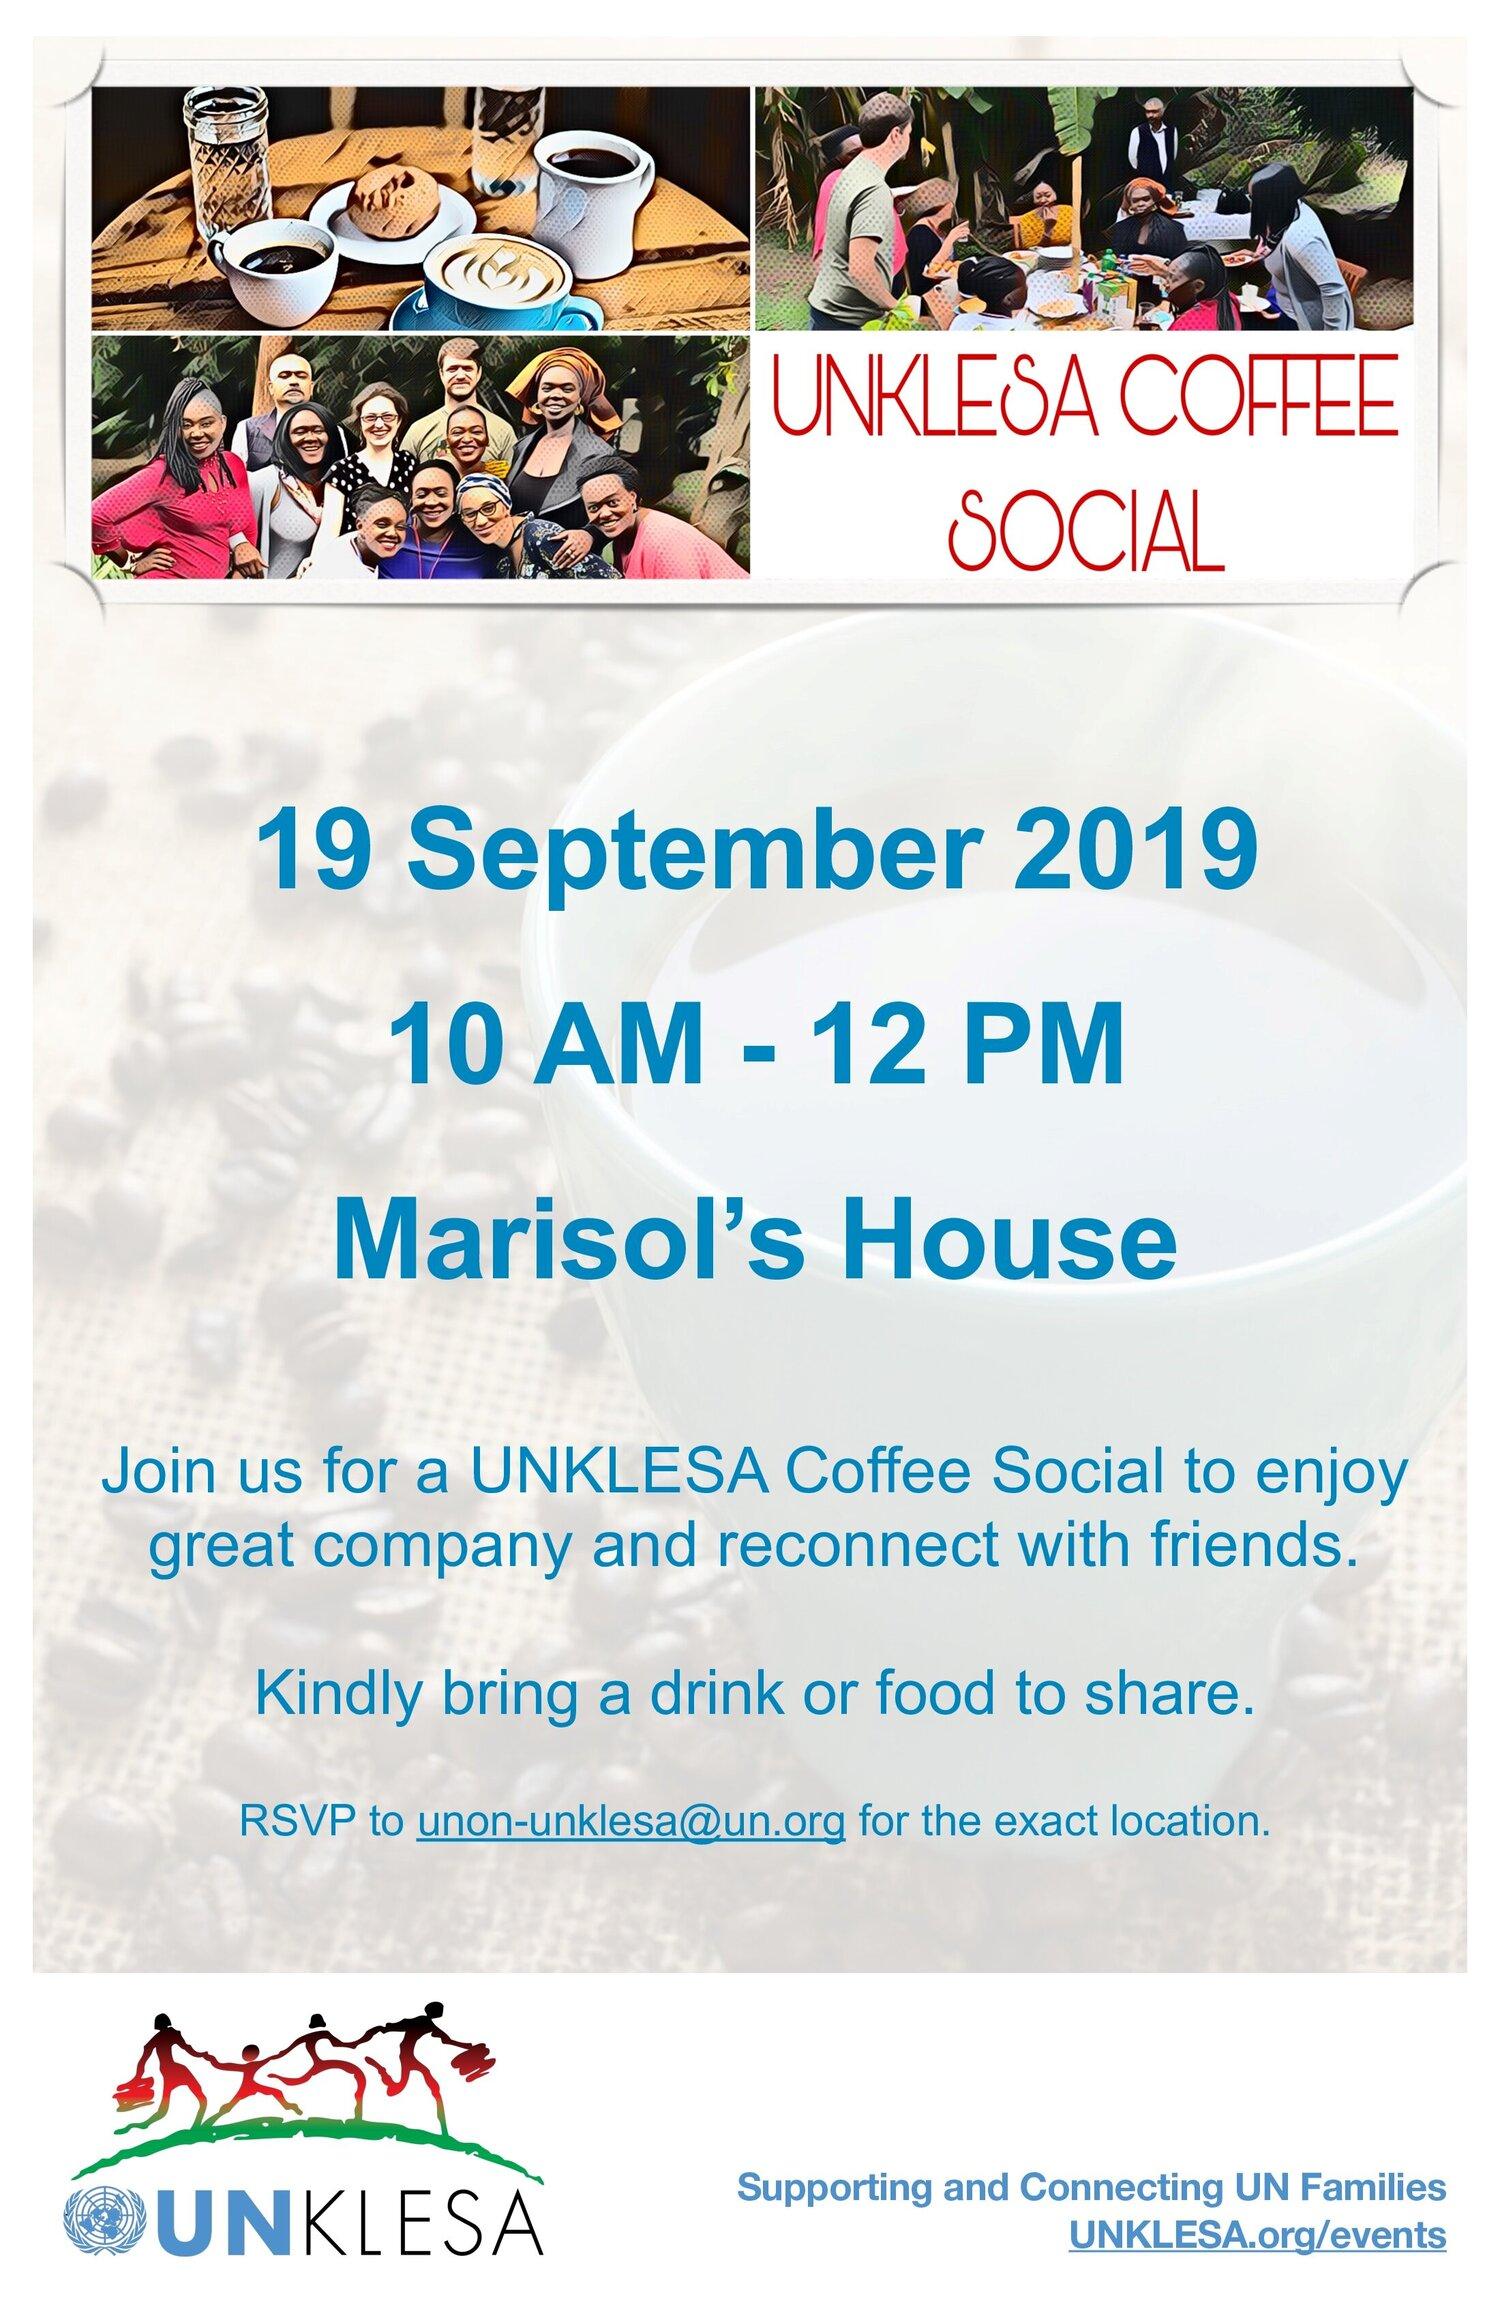 UNKLESA_CoffeeSocial_2019_September.jpg